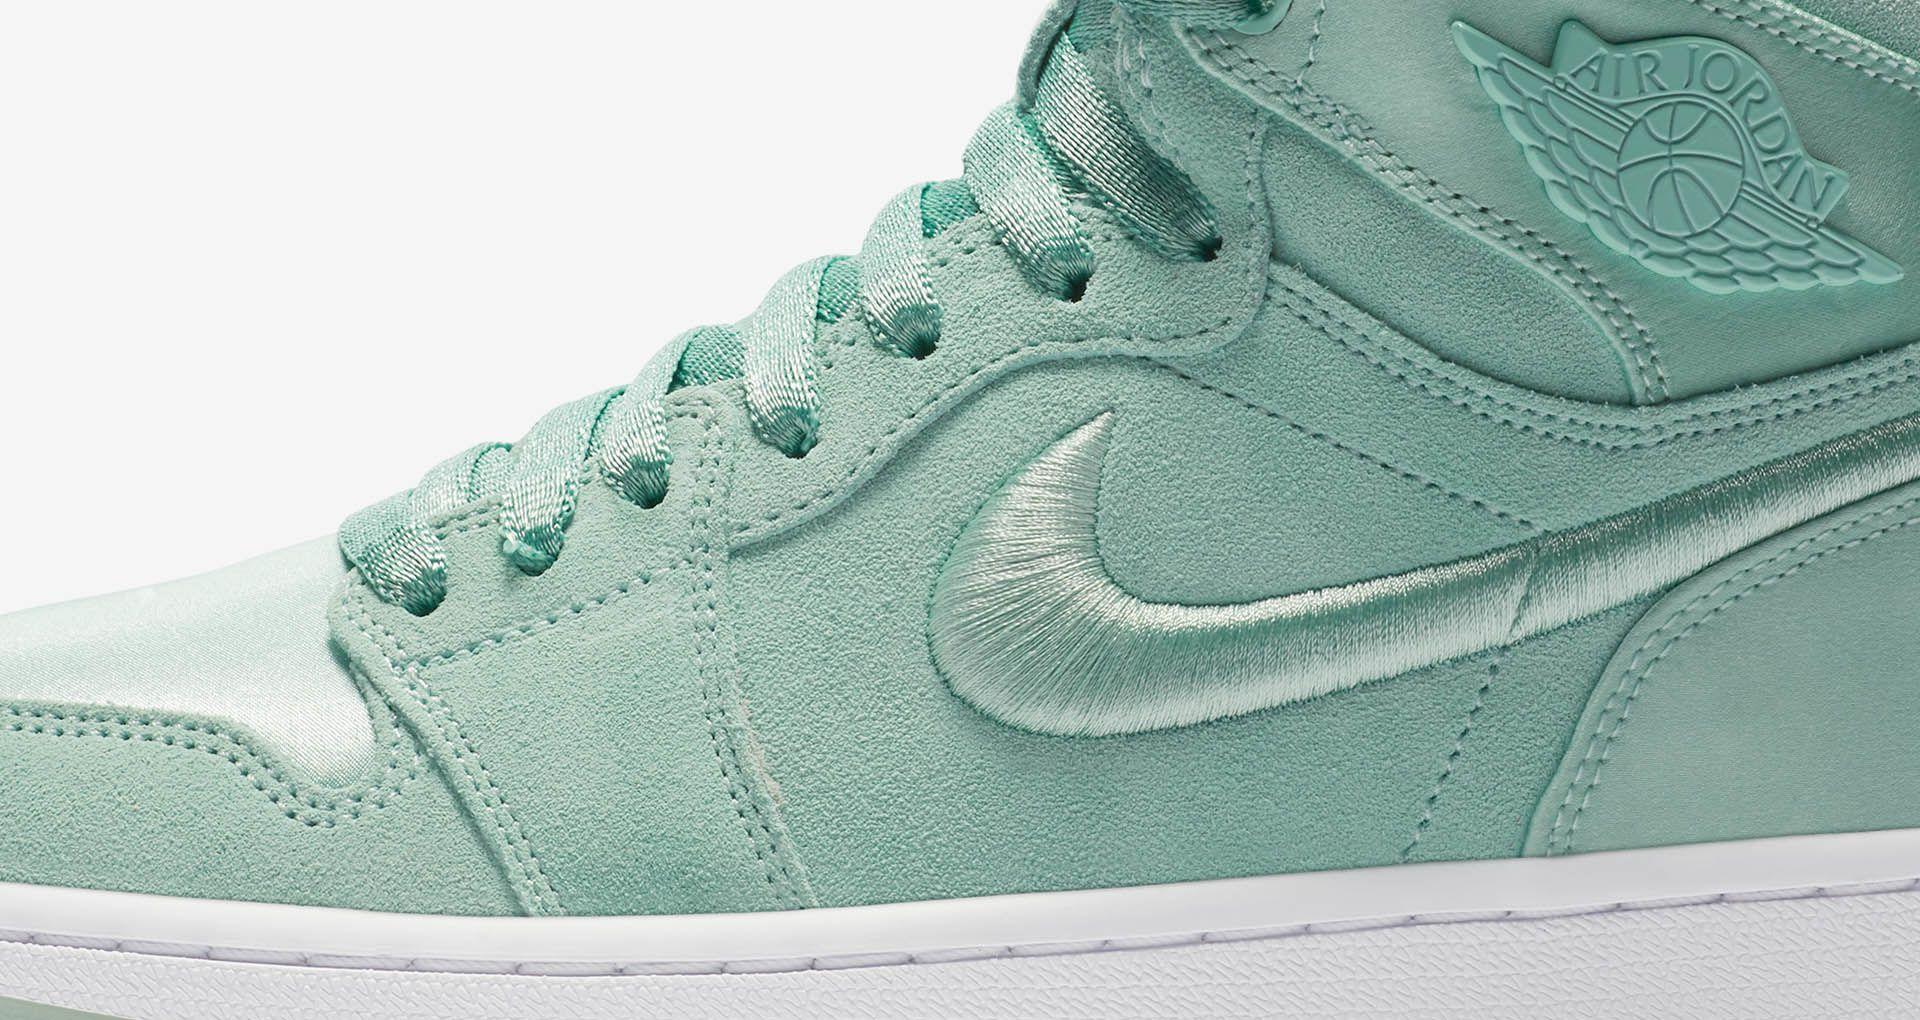 57671b0aad0 Women's Air Jordan 1 Retro High 'Mint Foam' Release Date. Nike+ SNKRS